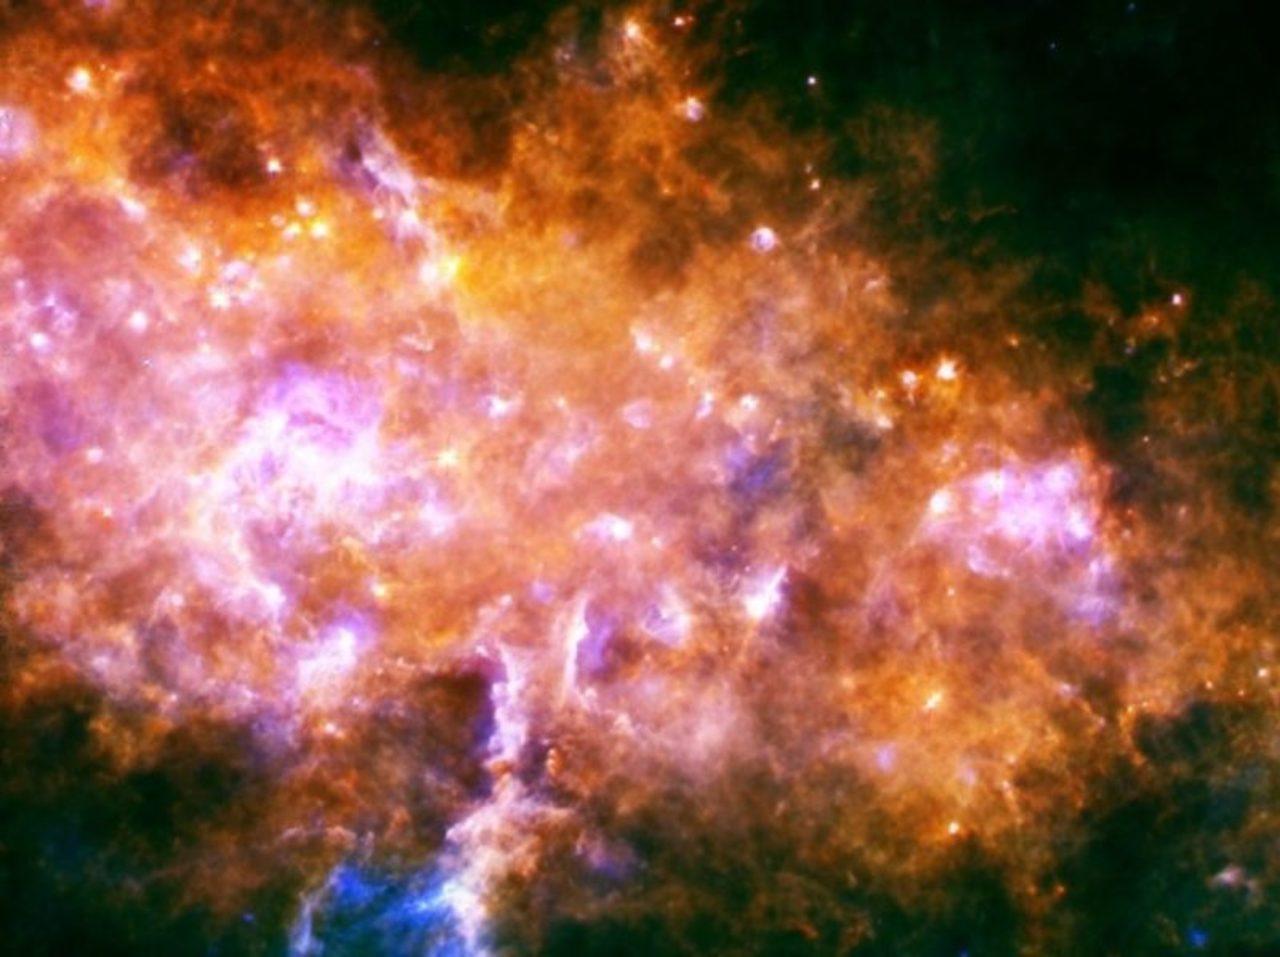 Die Beobachtungen der Teleskope Herschel und Planck zum Ursprung des Universums wurden von Kosmologen miteinander verknüpft. Diese entdeckten so die vermuteten Vorläufer der heute sichtbaren riesigen Galaxien-Cluster und lieferten umwerfende Bilder.